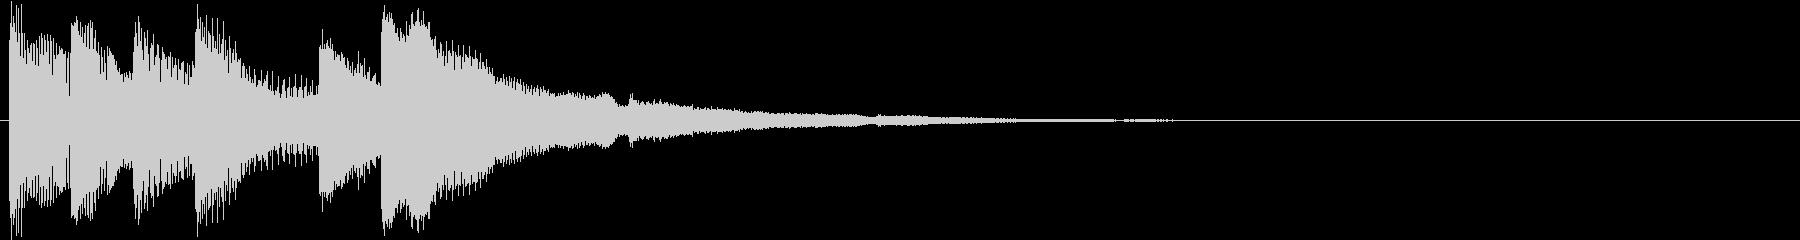 ティロリリッリリン 下降(トピックス)の未再生の波形